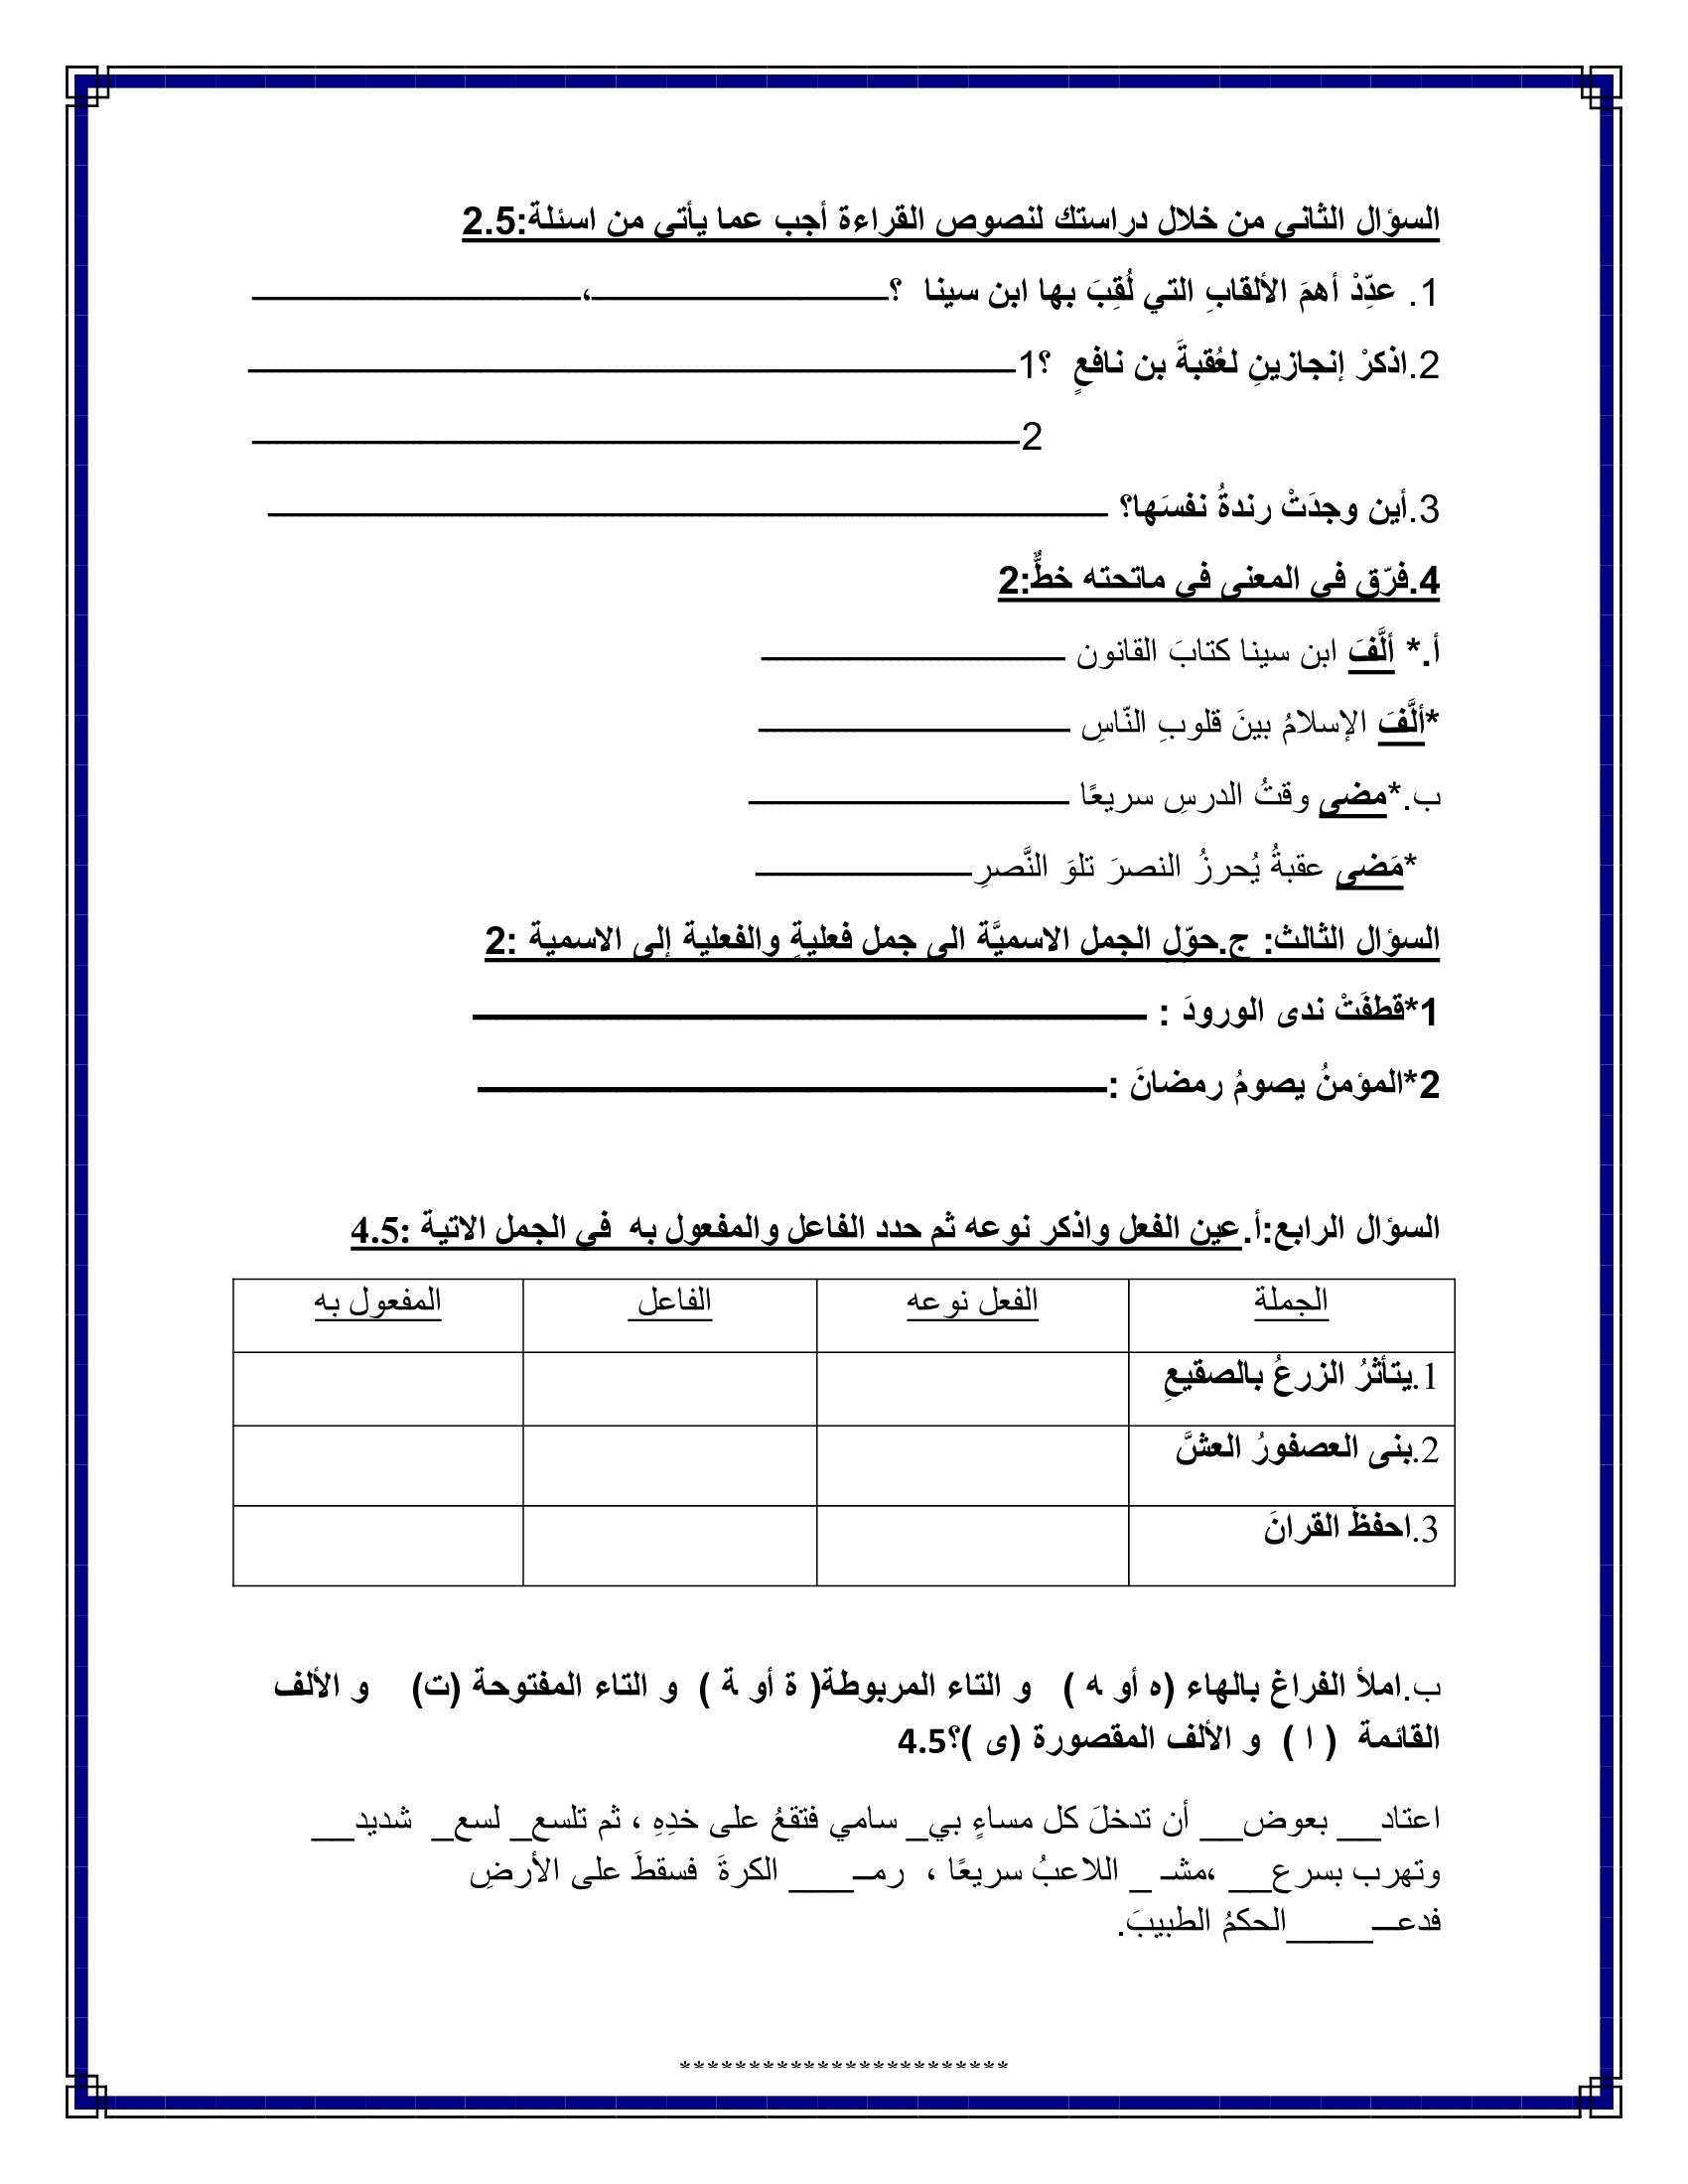 صور و وورد امتحان اللغة العربية النهائي للصف الخامس الفصل الاول 2018